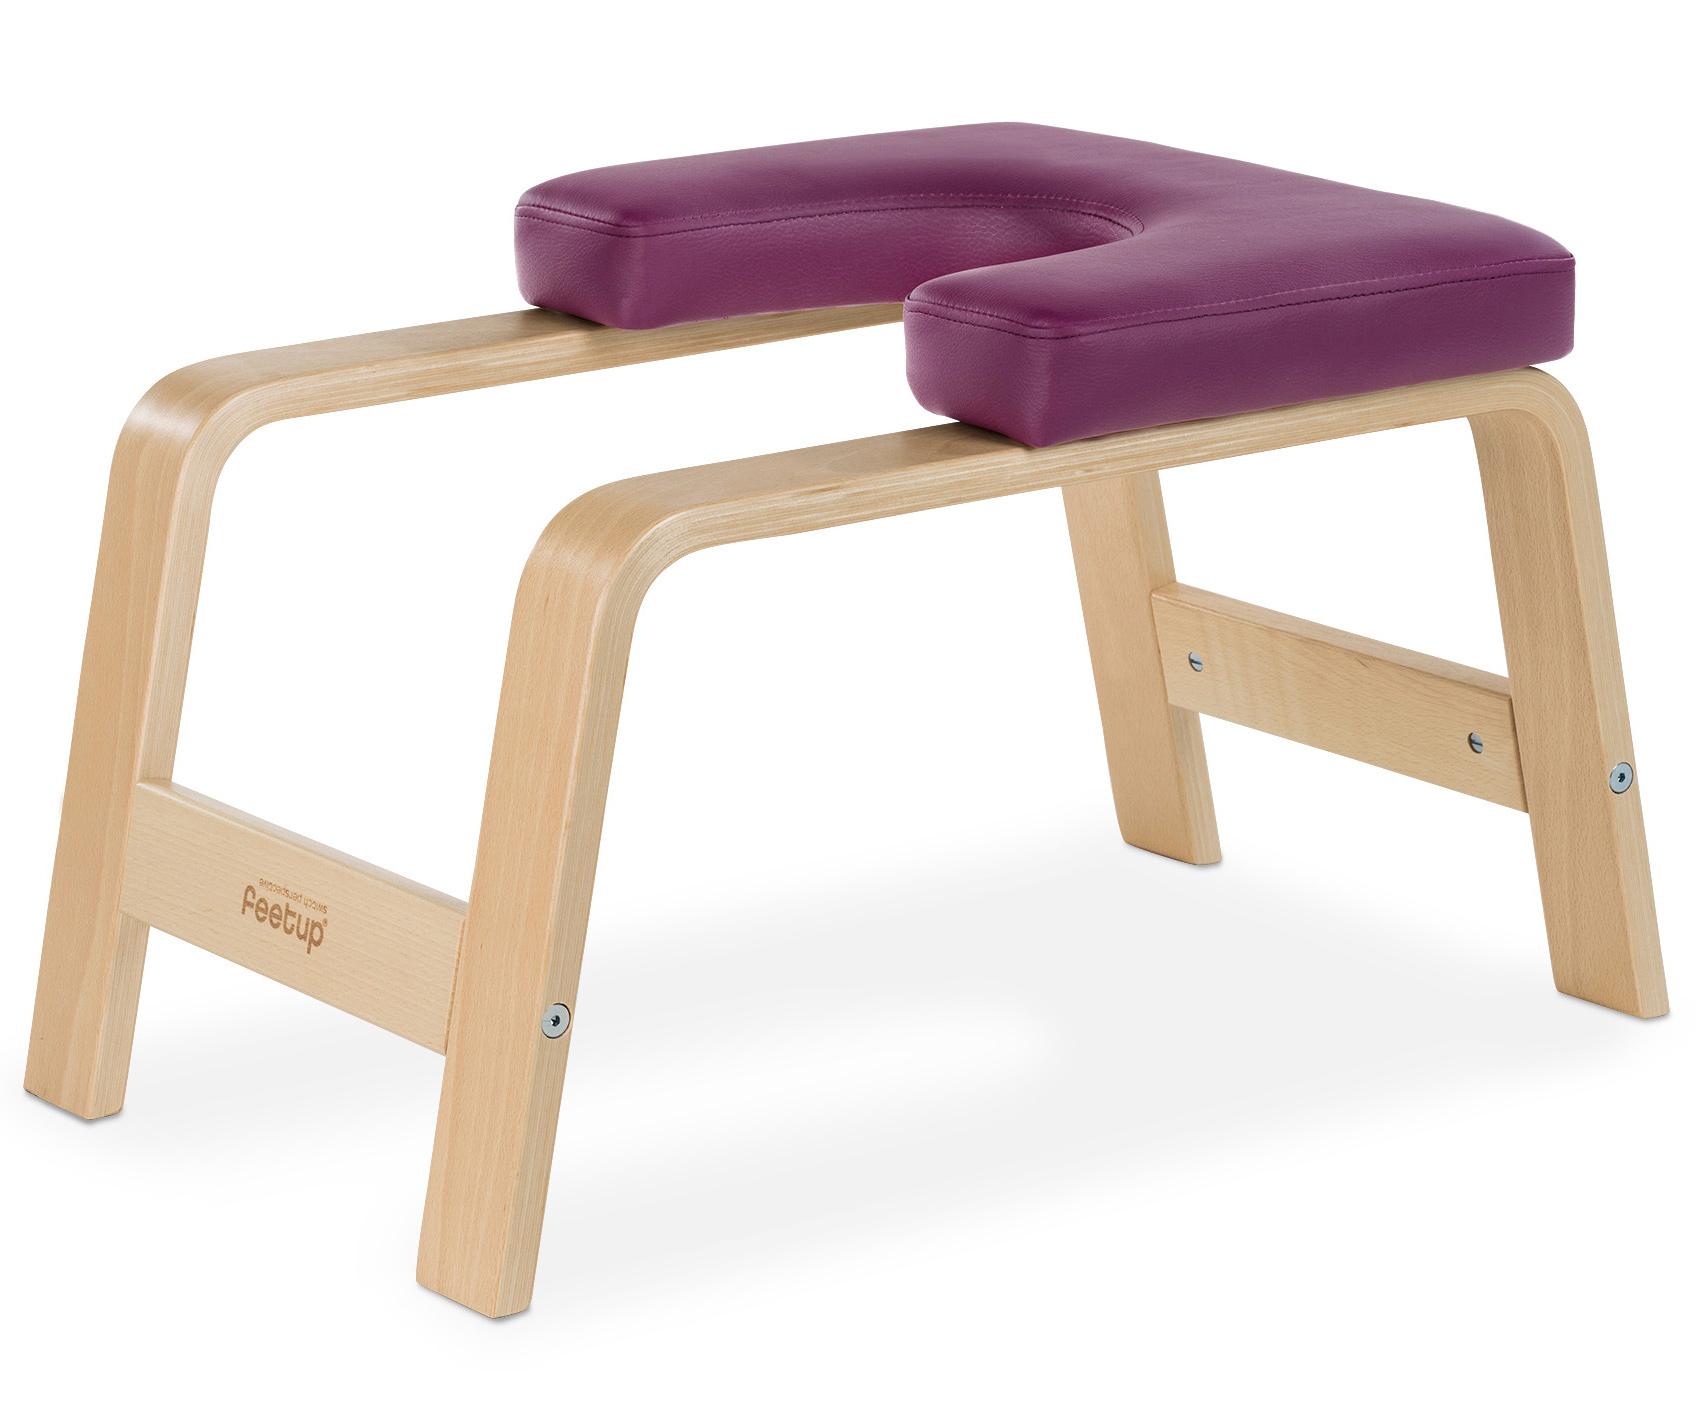 Feetup® Kopfstandhocker - violet